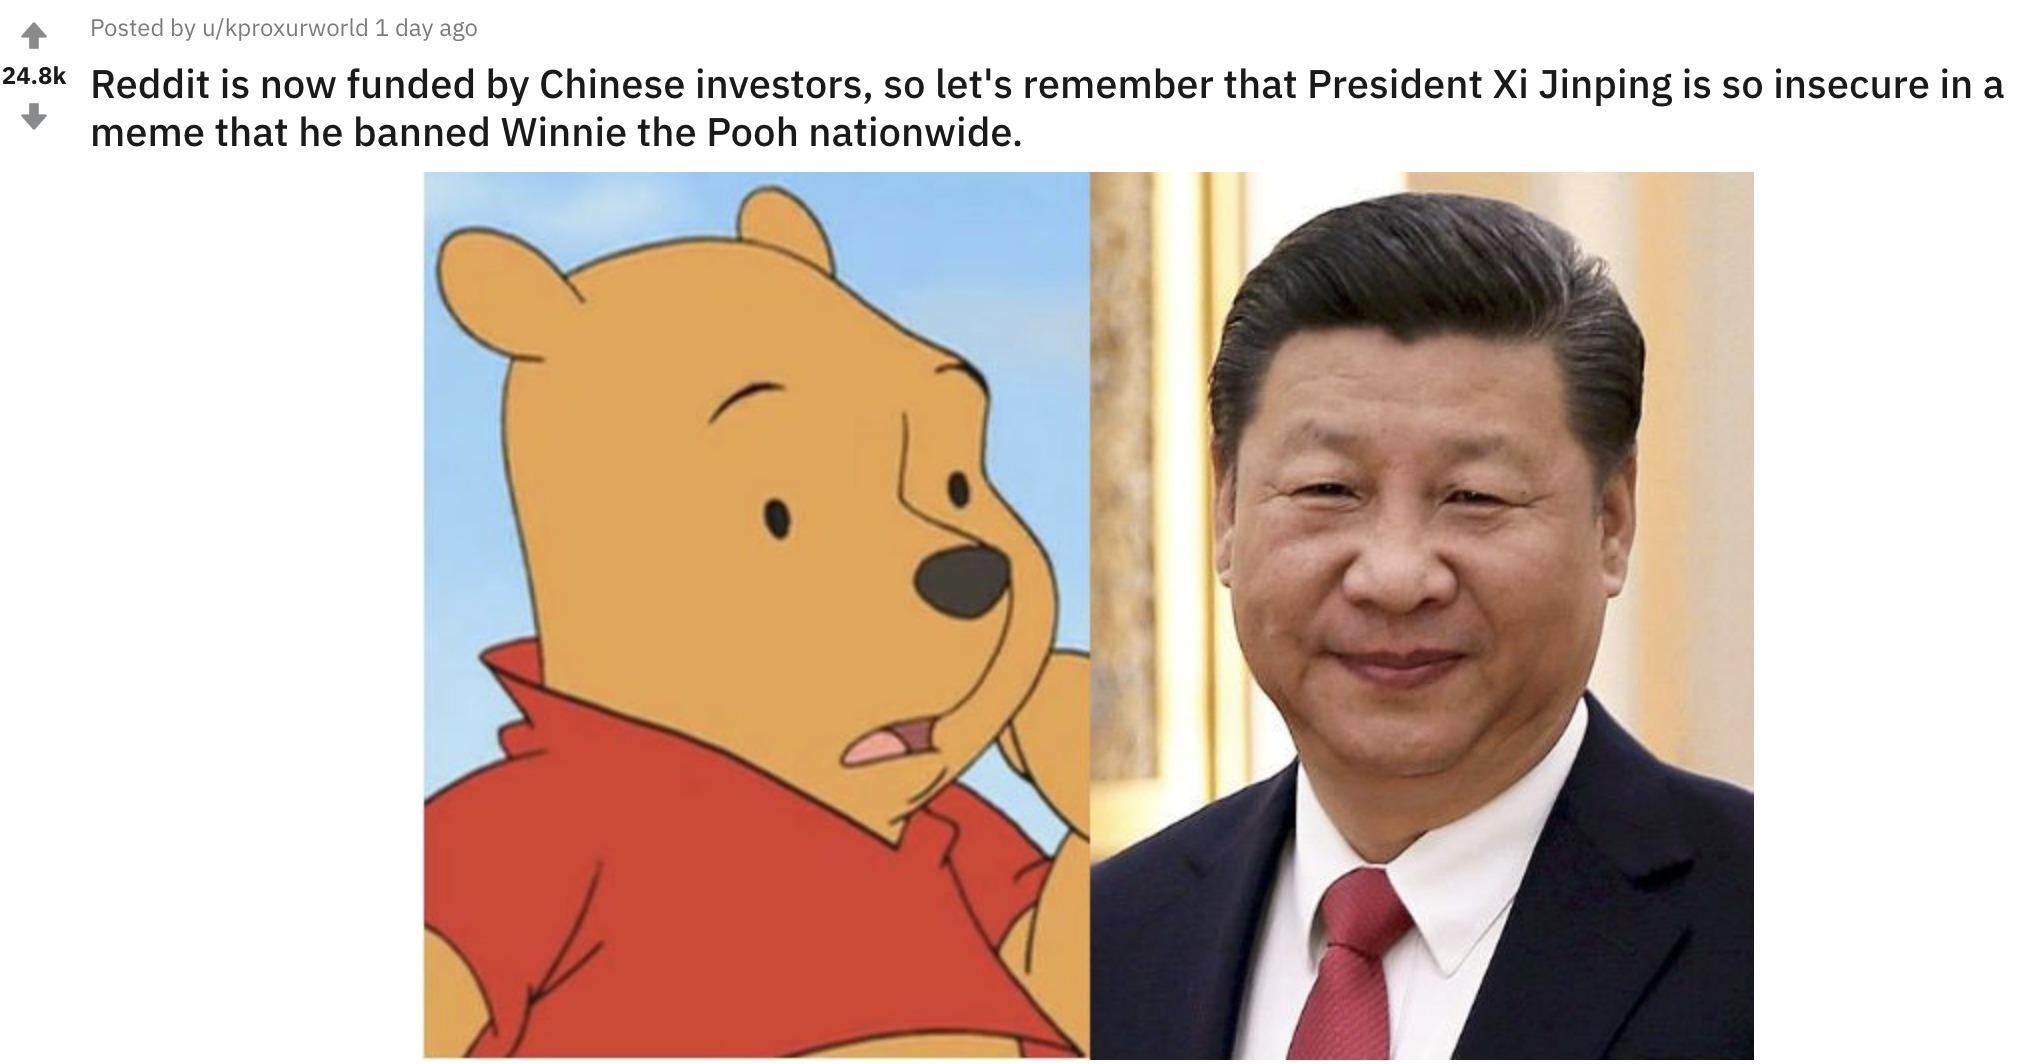 Reddit sufre epidemia de Winnie The Pooh por temor de intervención china